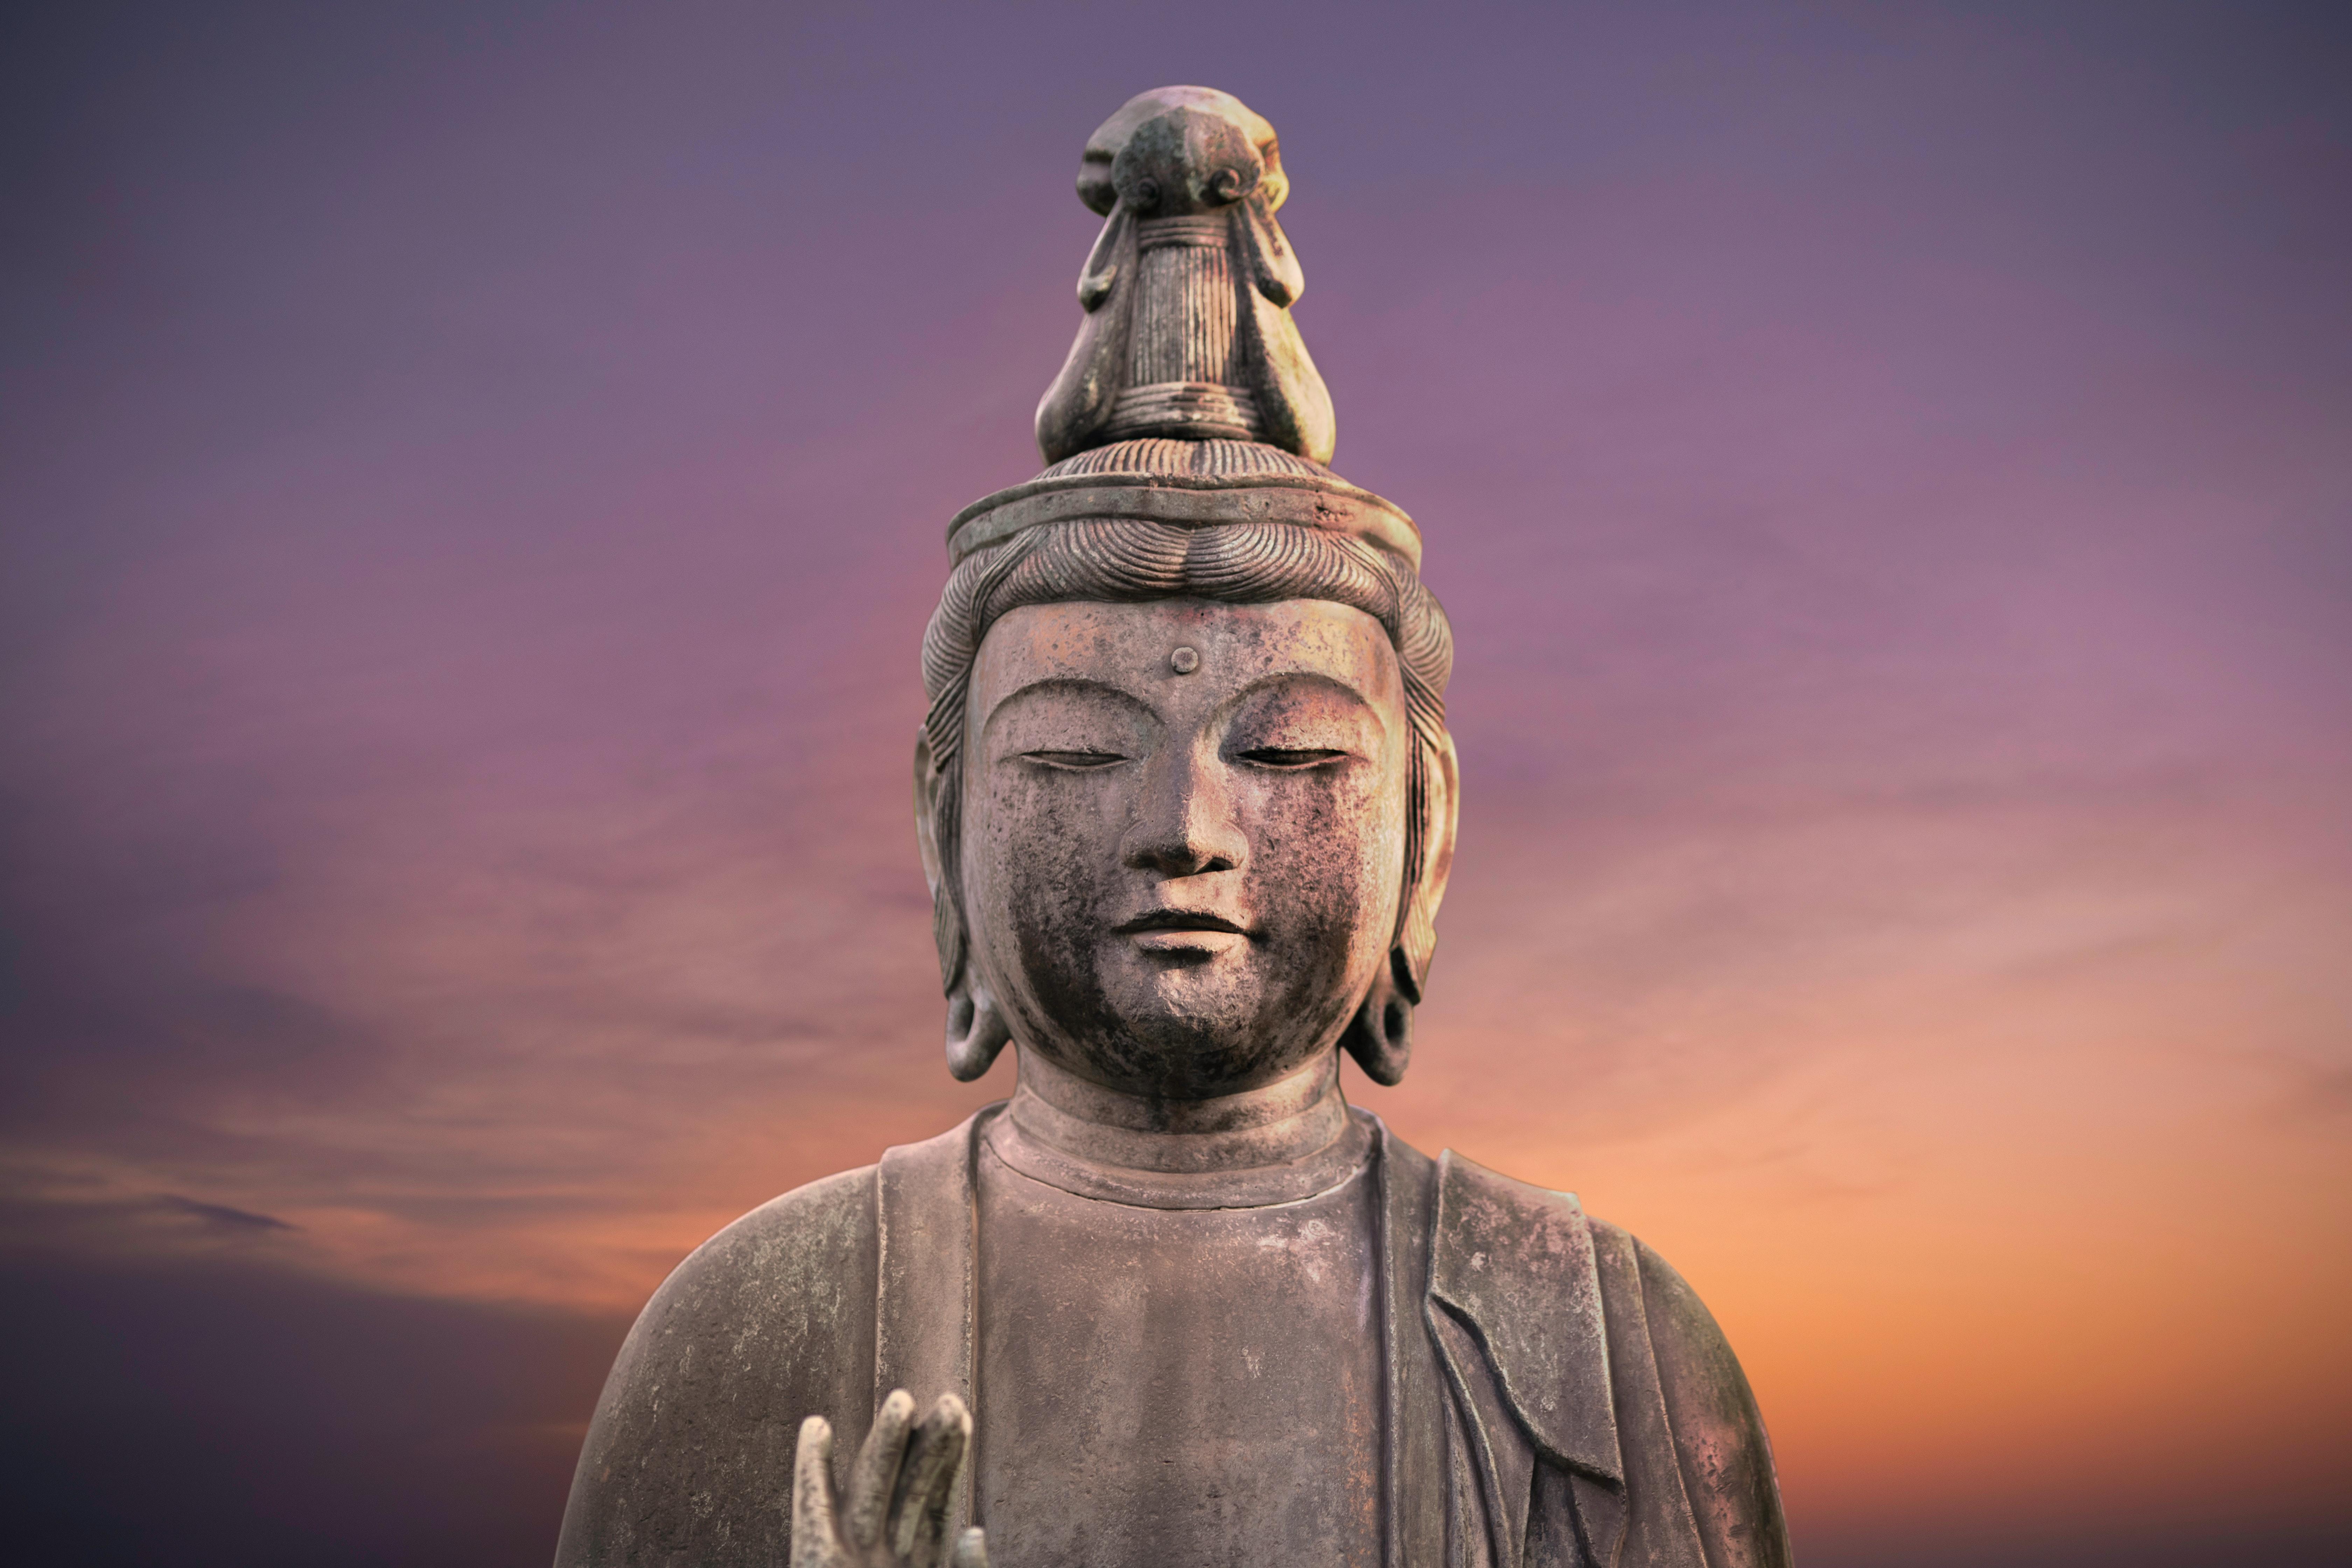 Negocios y Espiritualidad: 3 consejos para vivir en paz.